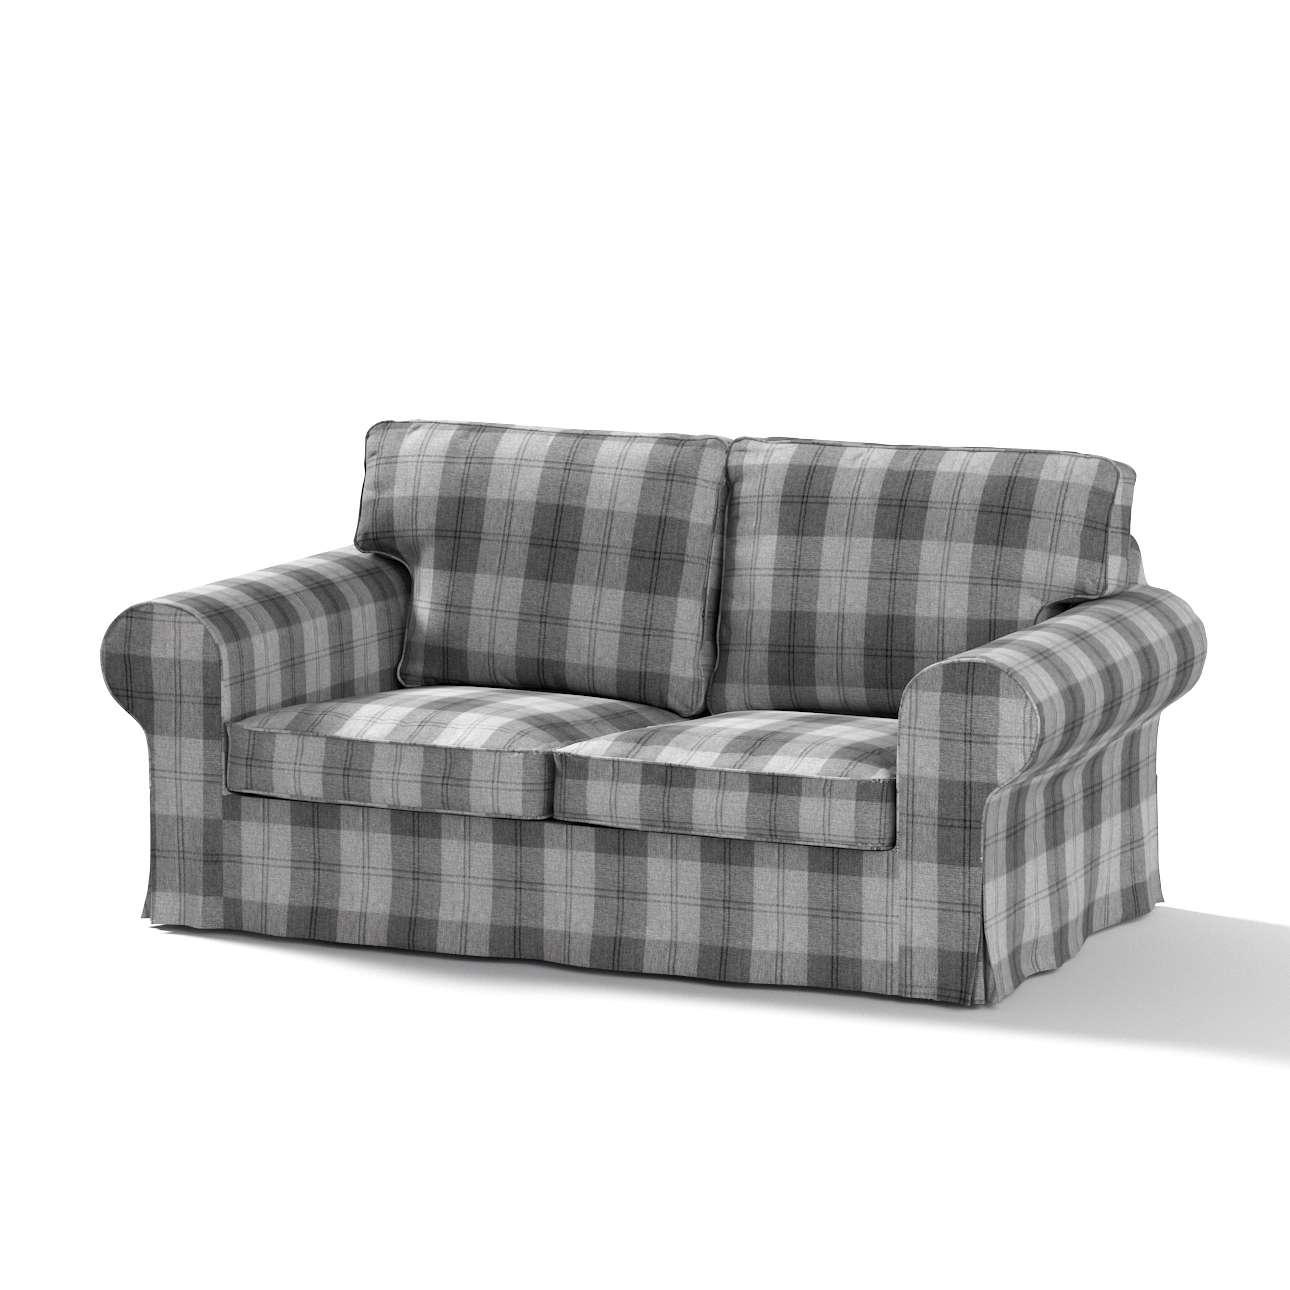 Pokrowiec na sofę Ektorp 2-osobową rozkładaną, model po 2012 w kolekcji Edinburgh, tkanina: 115-75